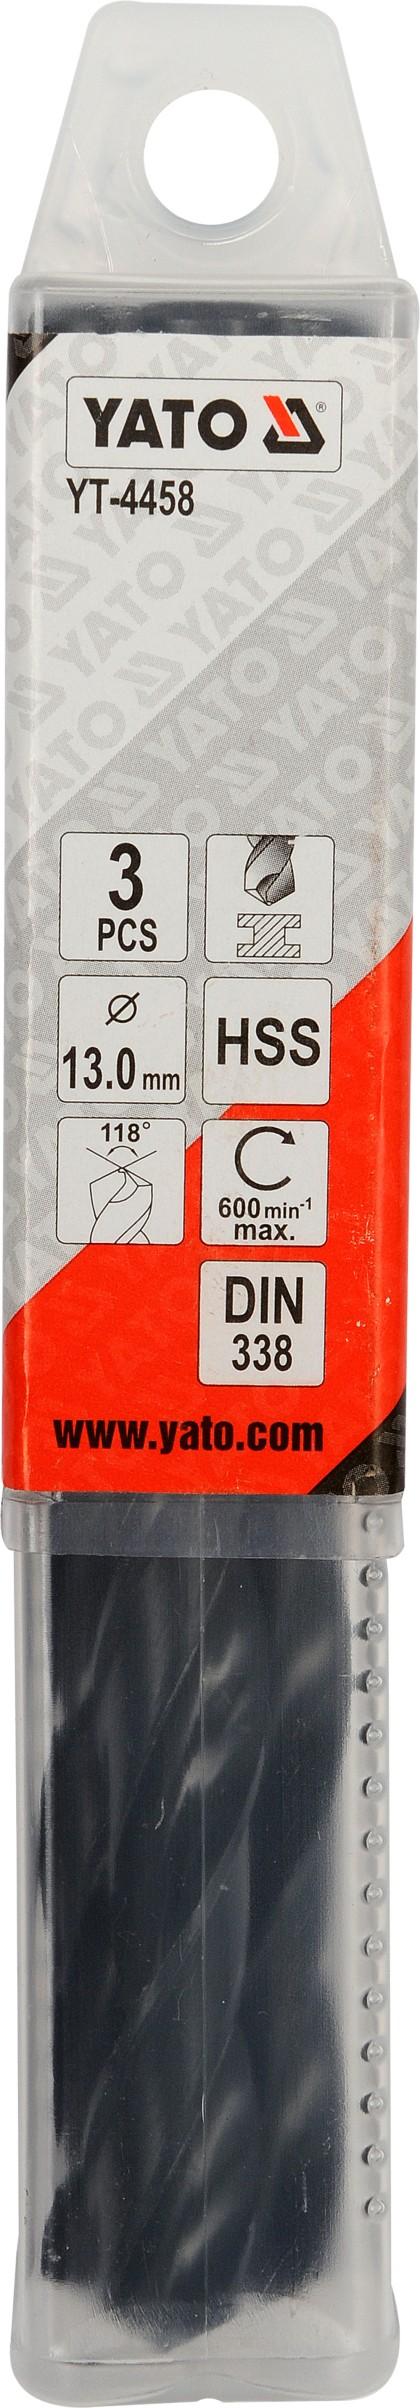 Vrták na kov 13.0 mm HSS 3 ks